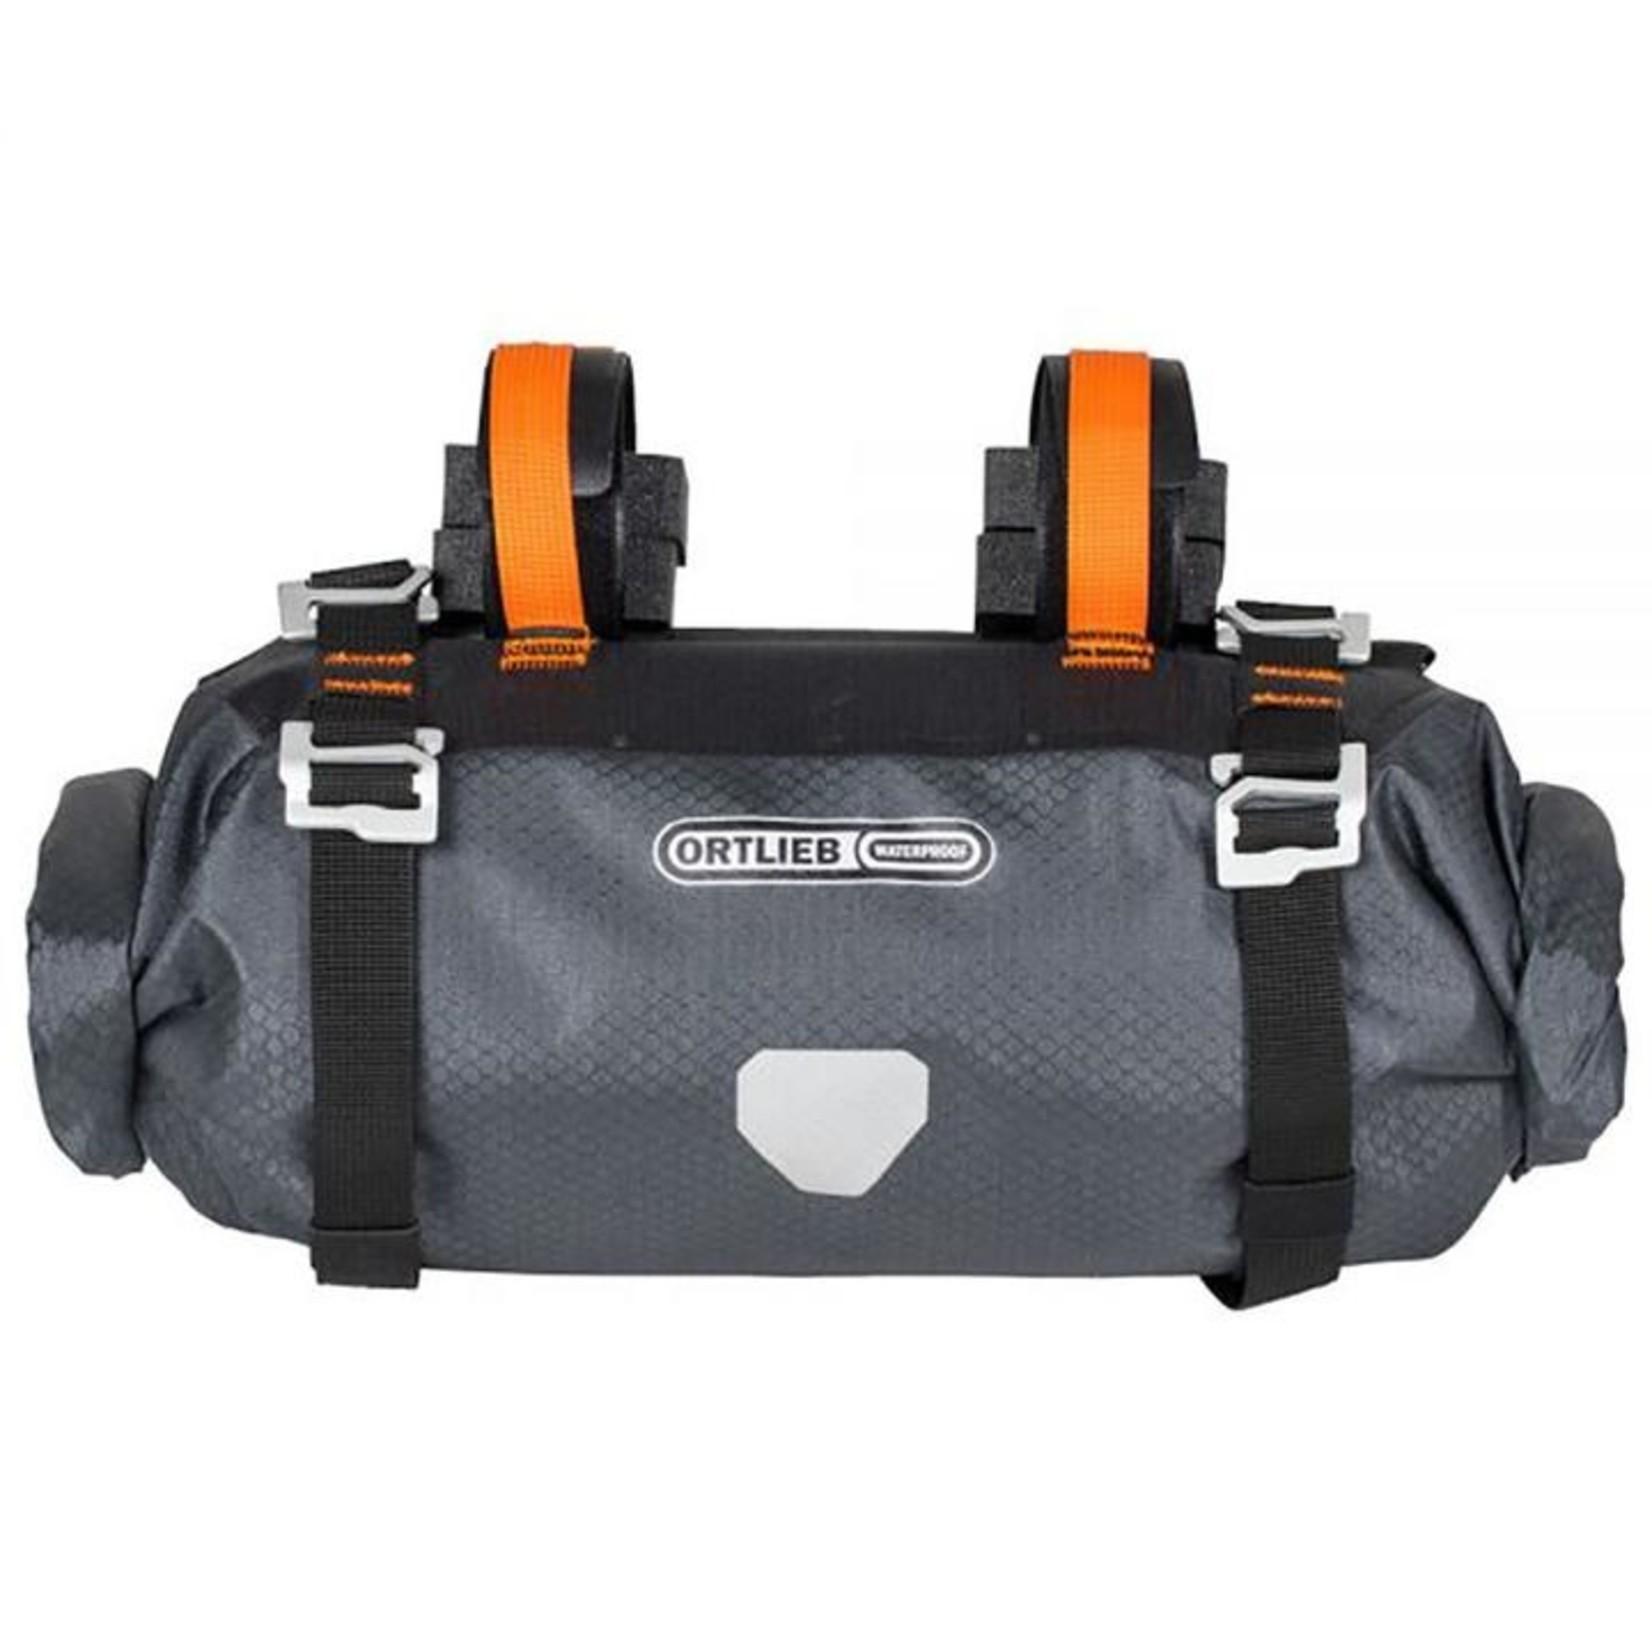 Ortlieb Ortlieb, Handlebar Pack